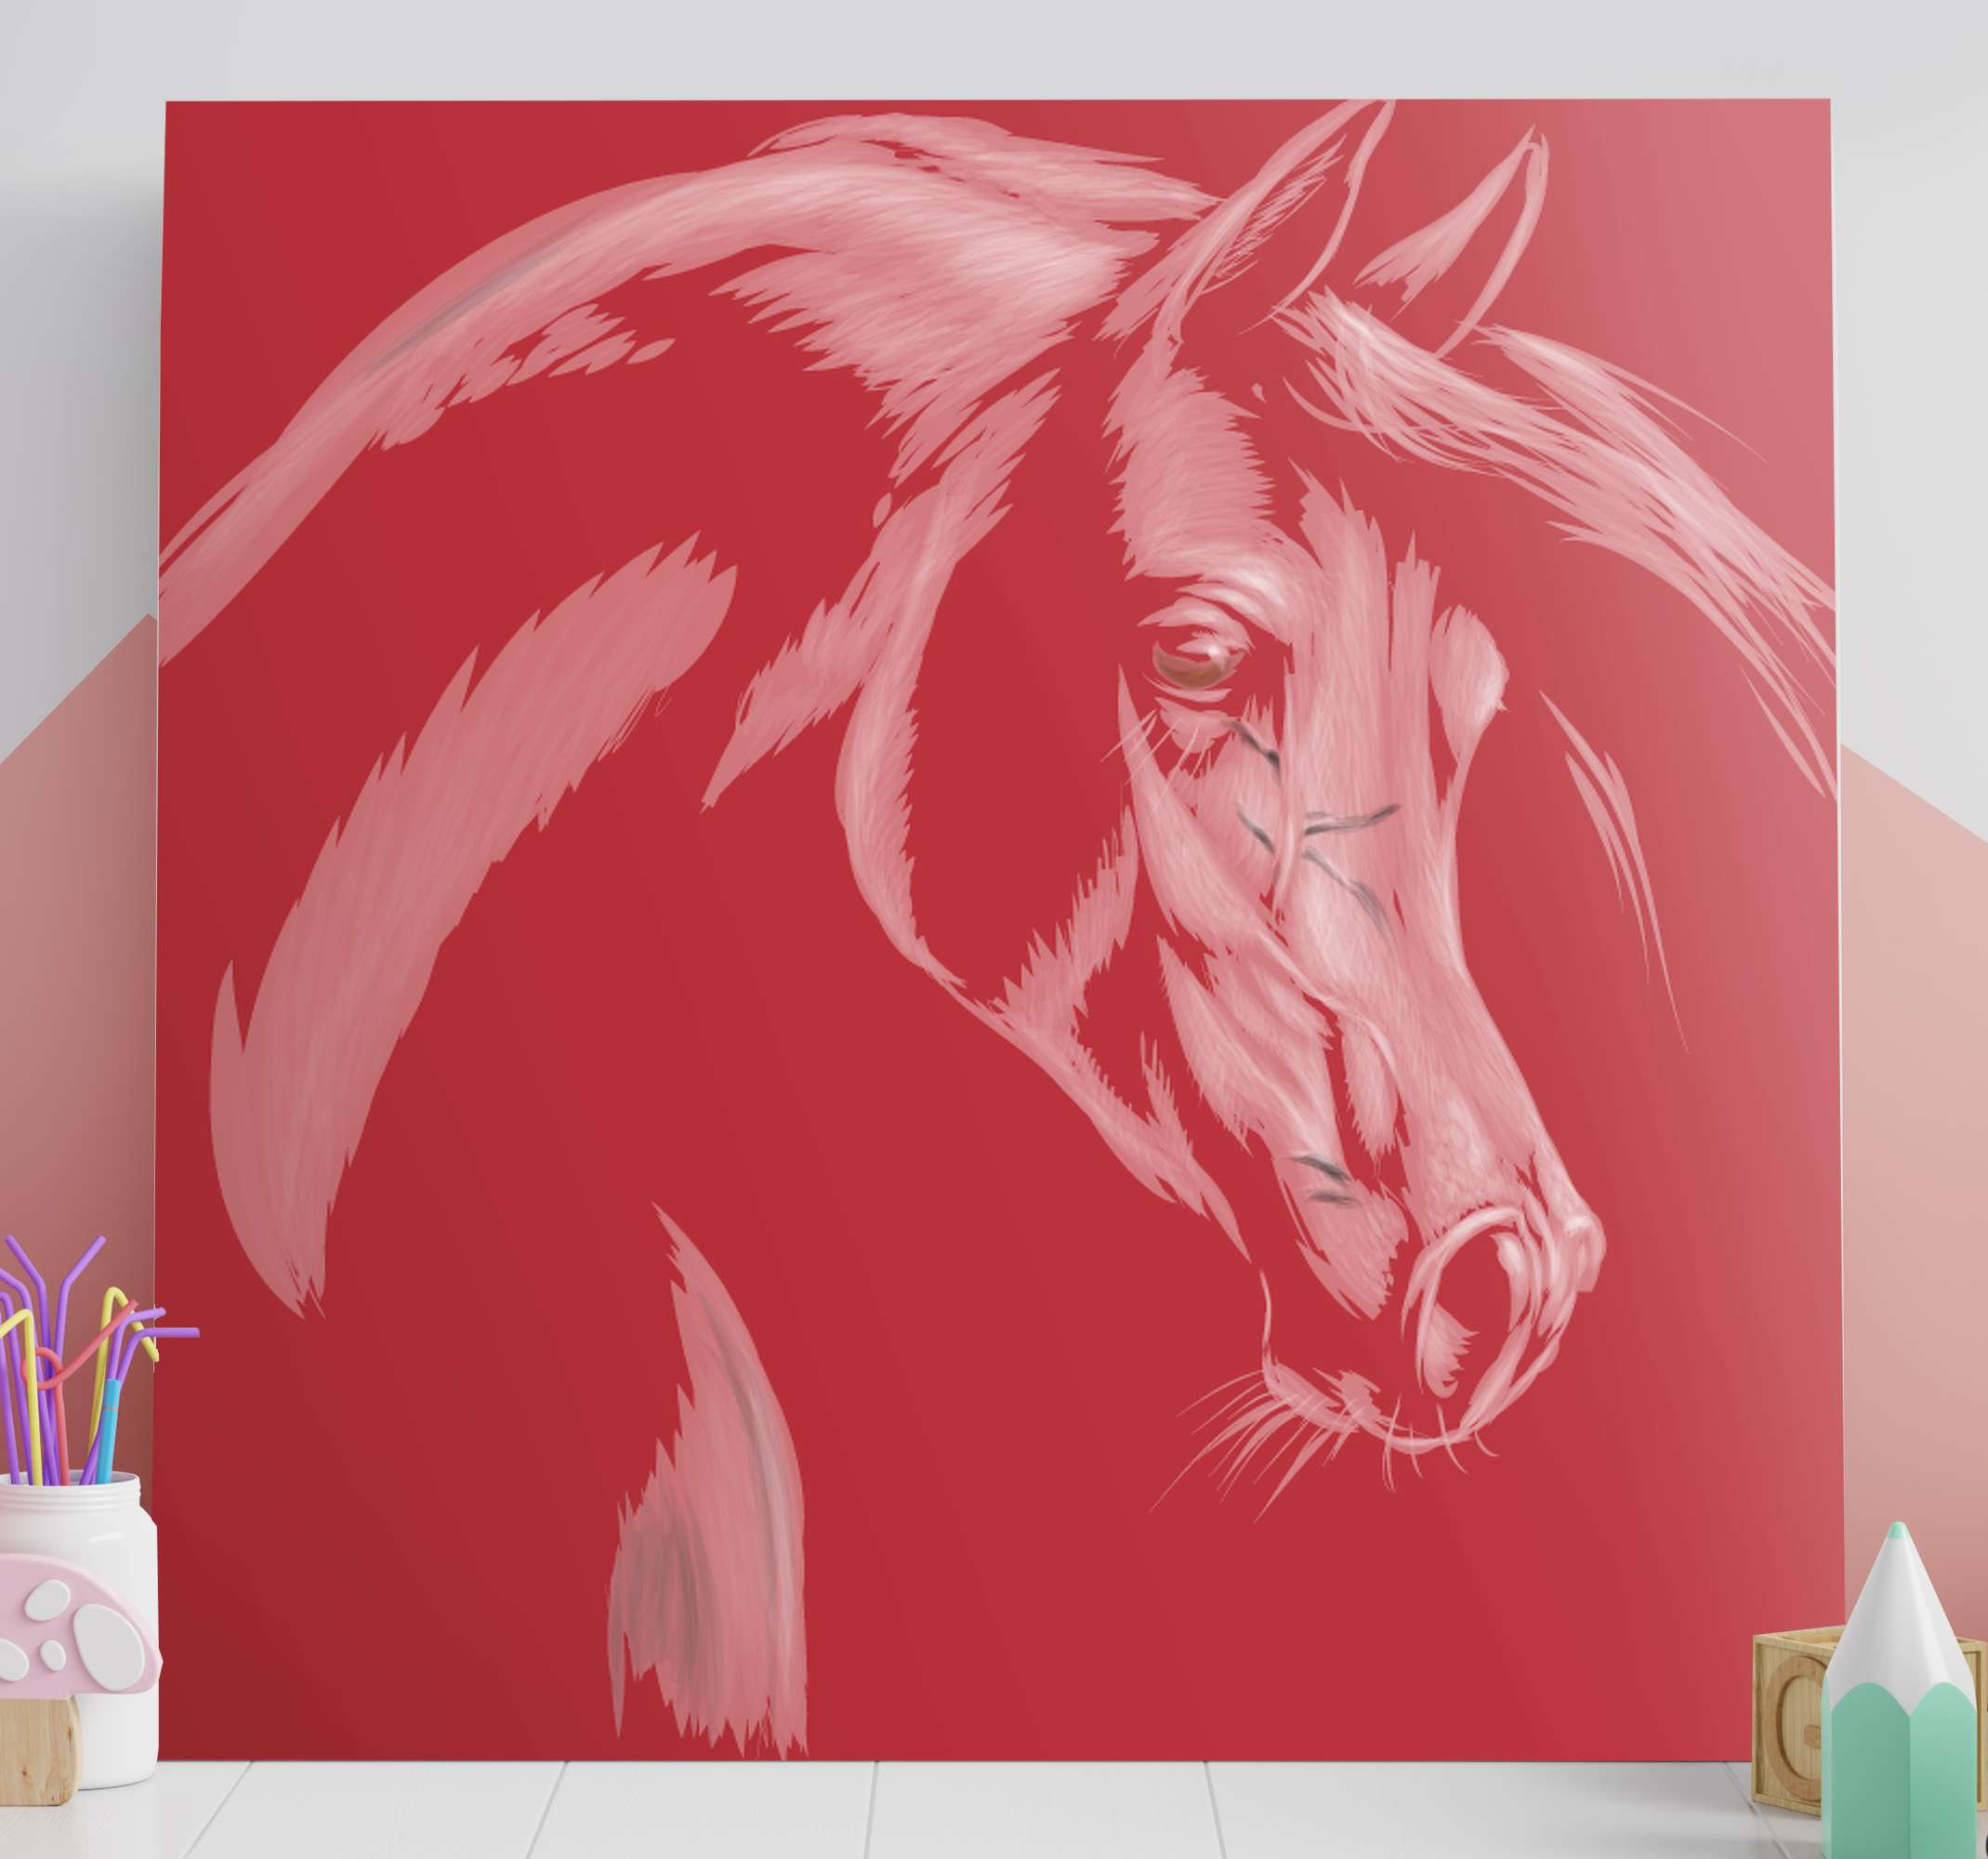 Tenstickers. Röd ton häst canvas bilder. Hästduk som har en underbar bild av en häst färgad i rött med en röd bakgrund. Registrera dig för 10% rabatt nu.